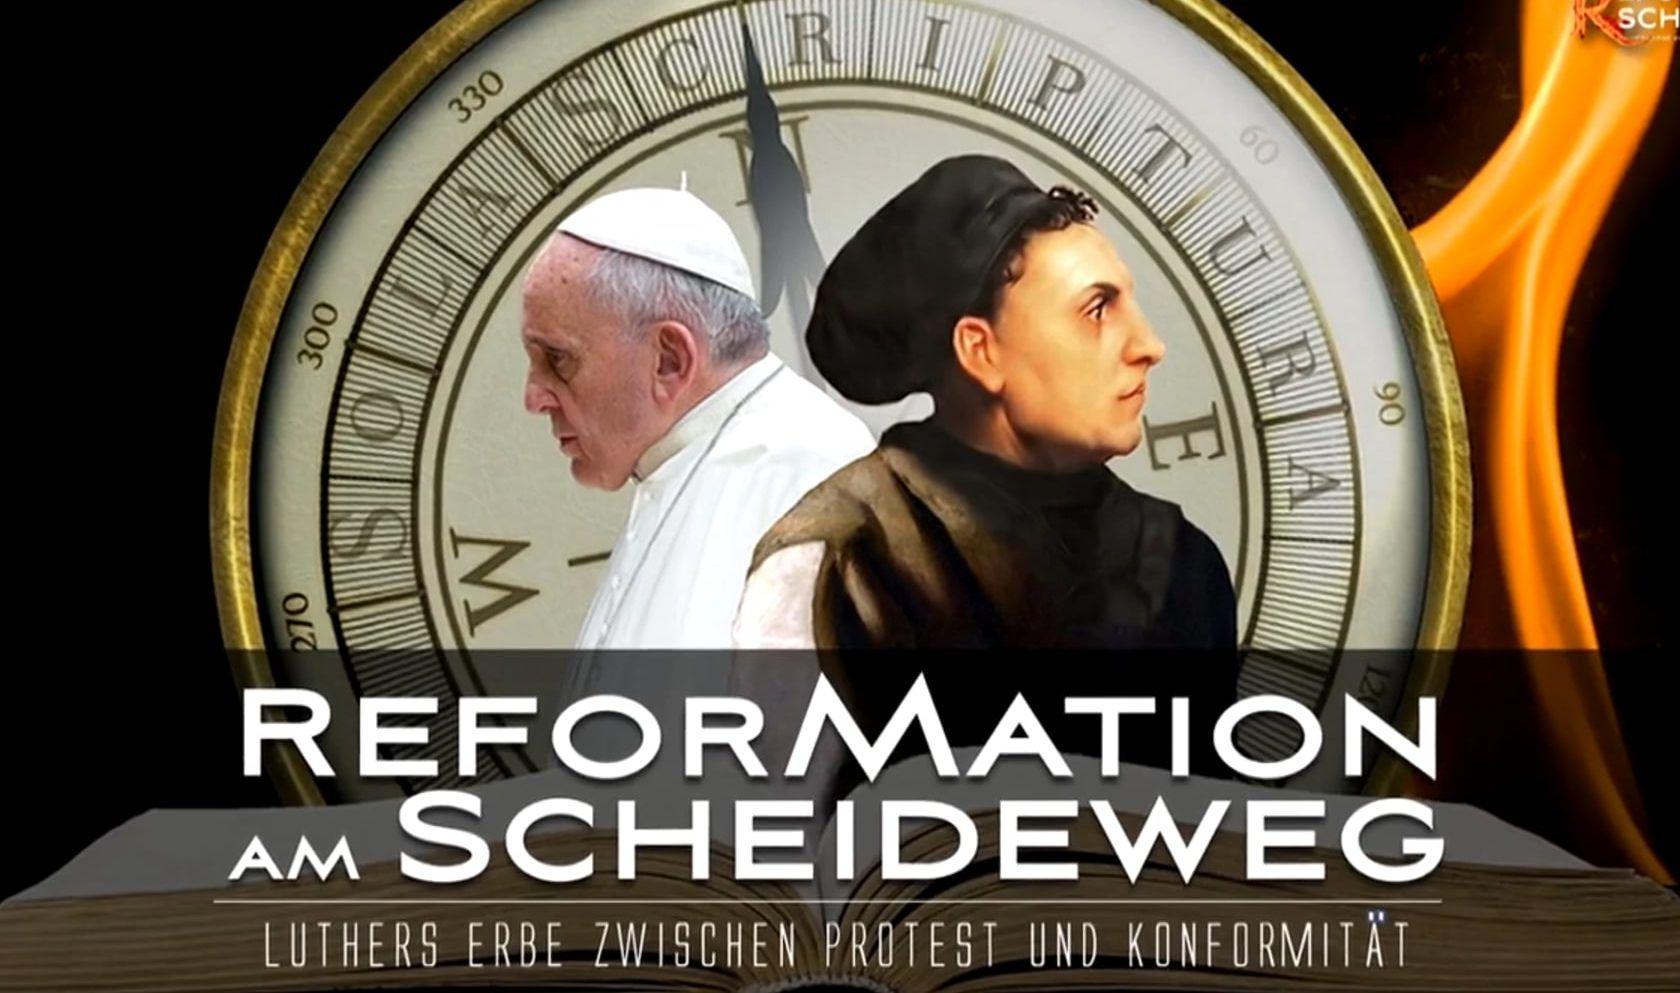 Reformation am Scheideweg. Luthers Erbe zwischen Protest und Konformität (RASCH 1)